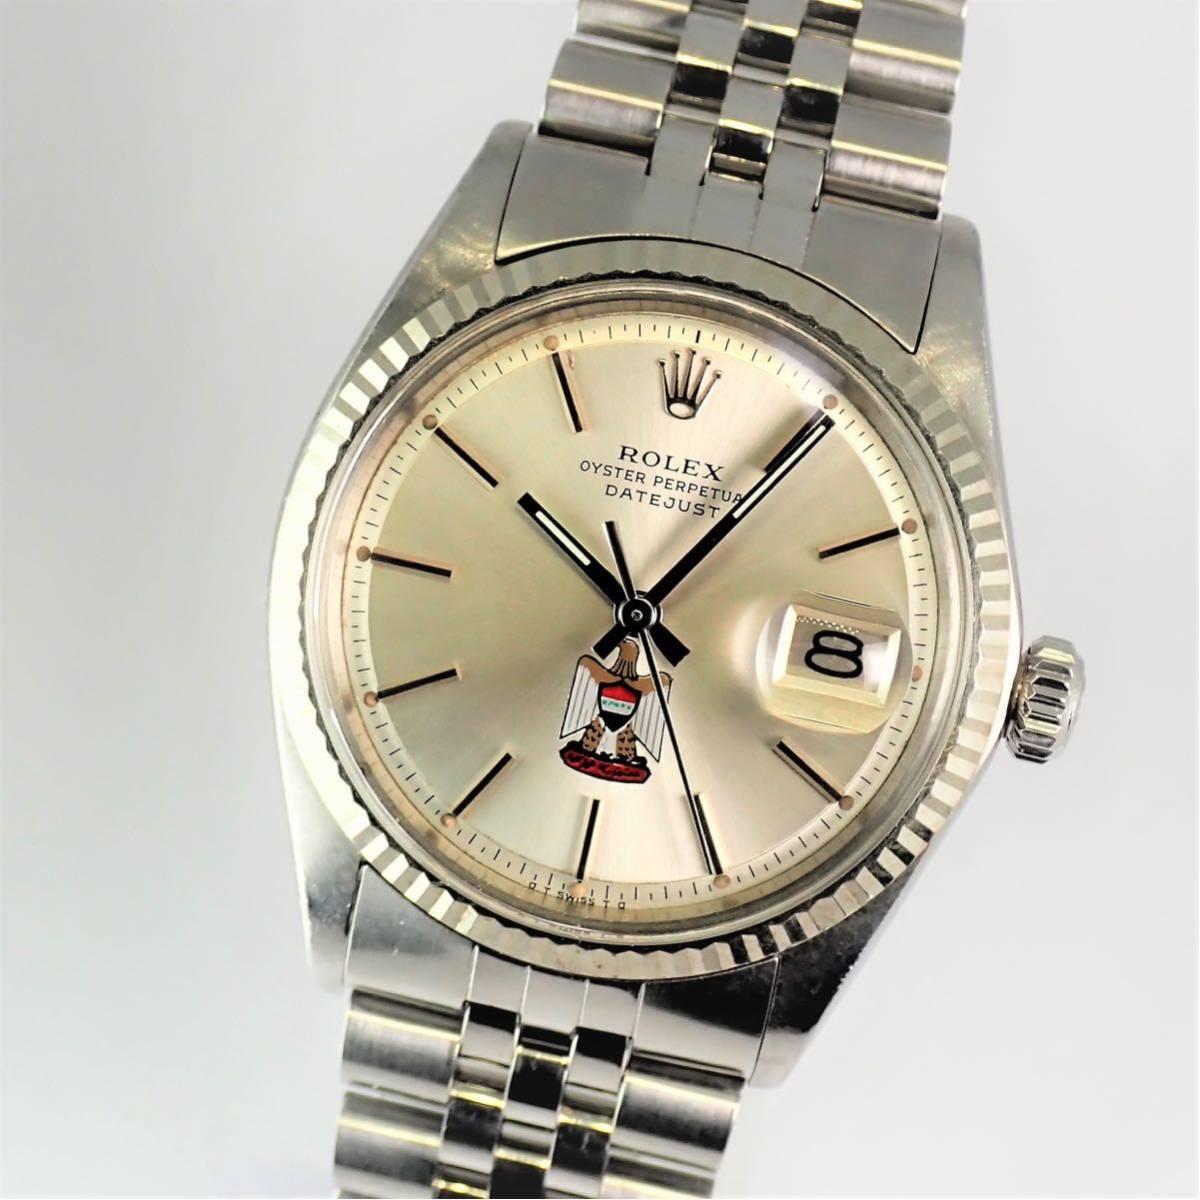 極希少・保証付き UAE文字盤 ロレックス デイトジャスト 1601 純正品 極美品 36mm メンズ 自動巻き 腕時計